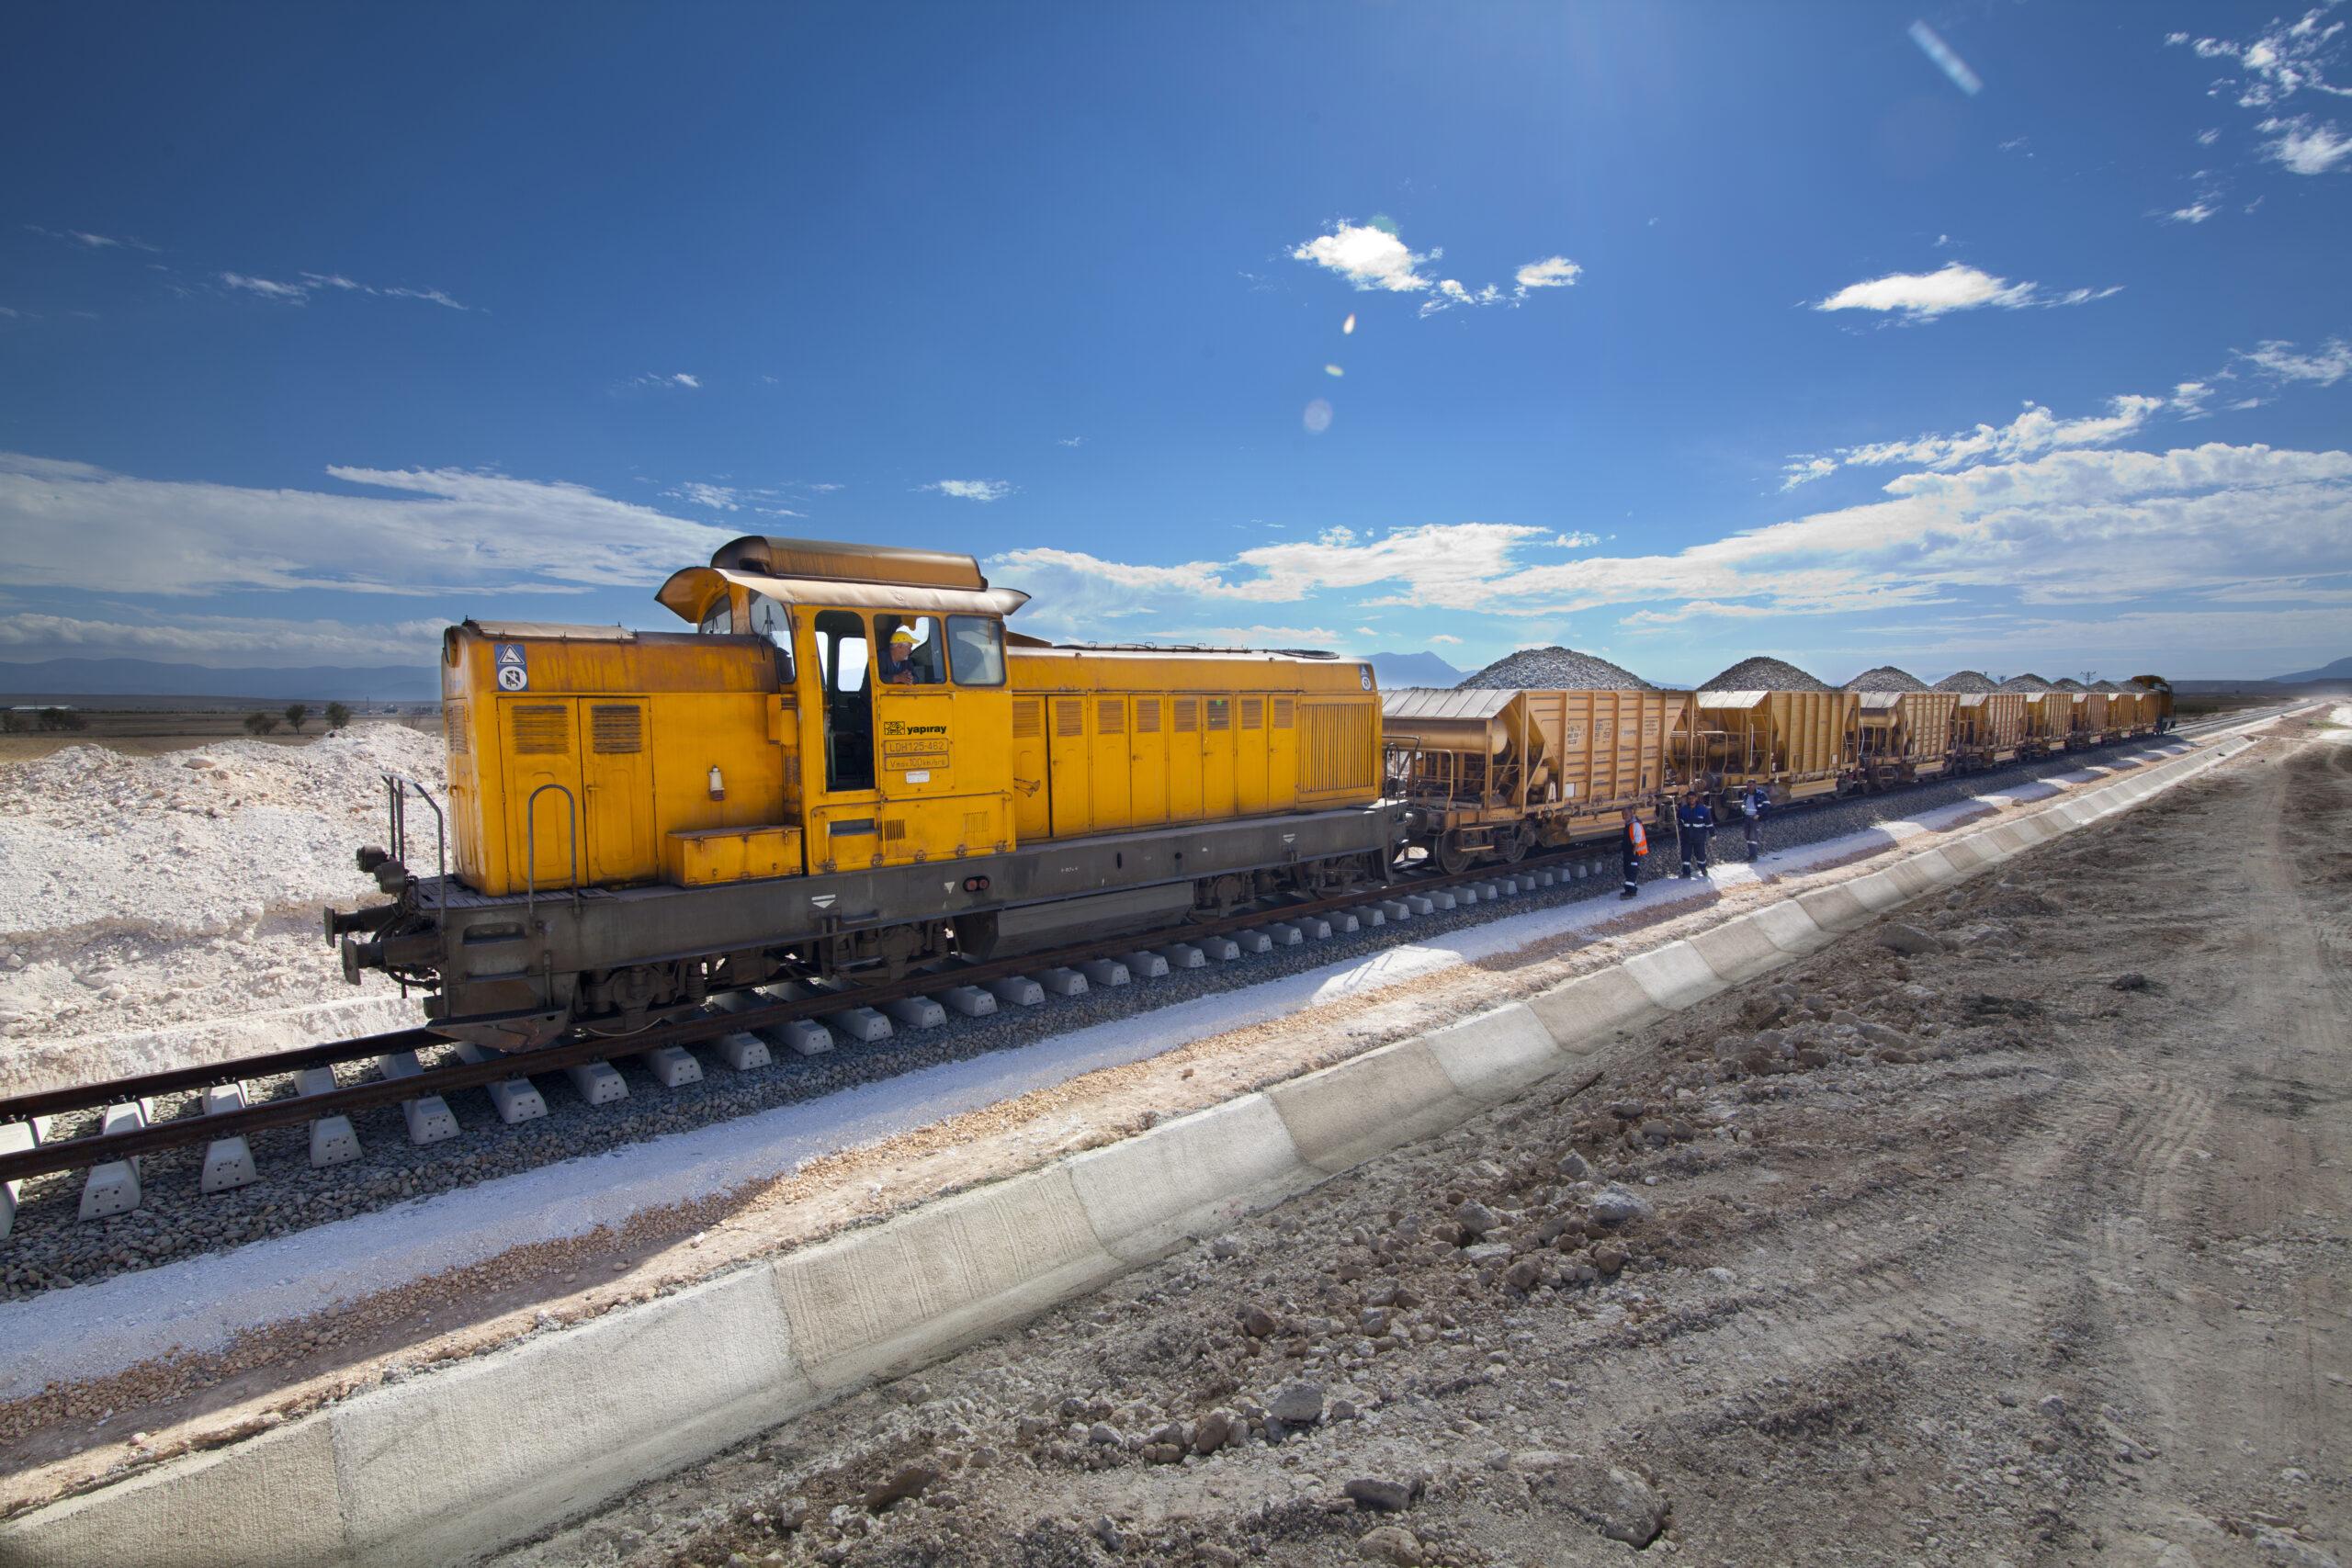 Irmak - Karabük - Zonguldak Railway Rehabilitation Project